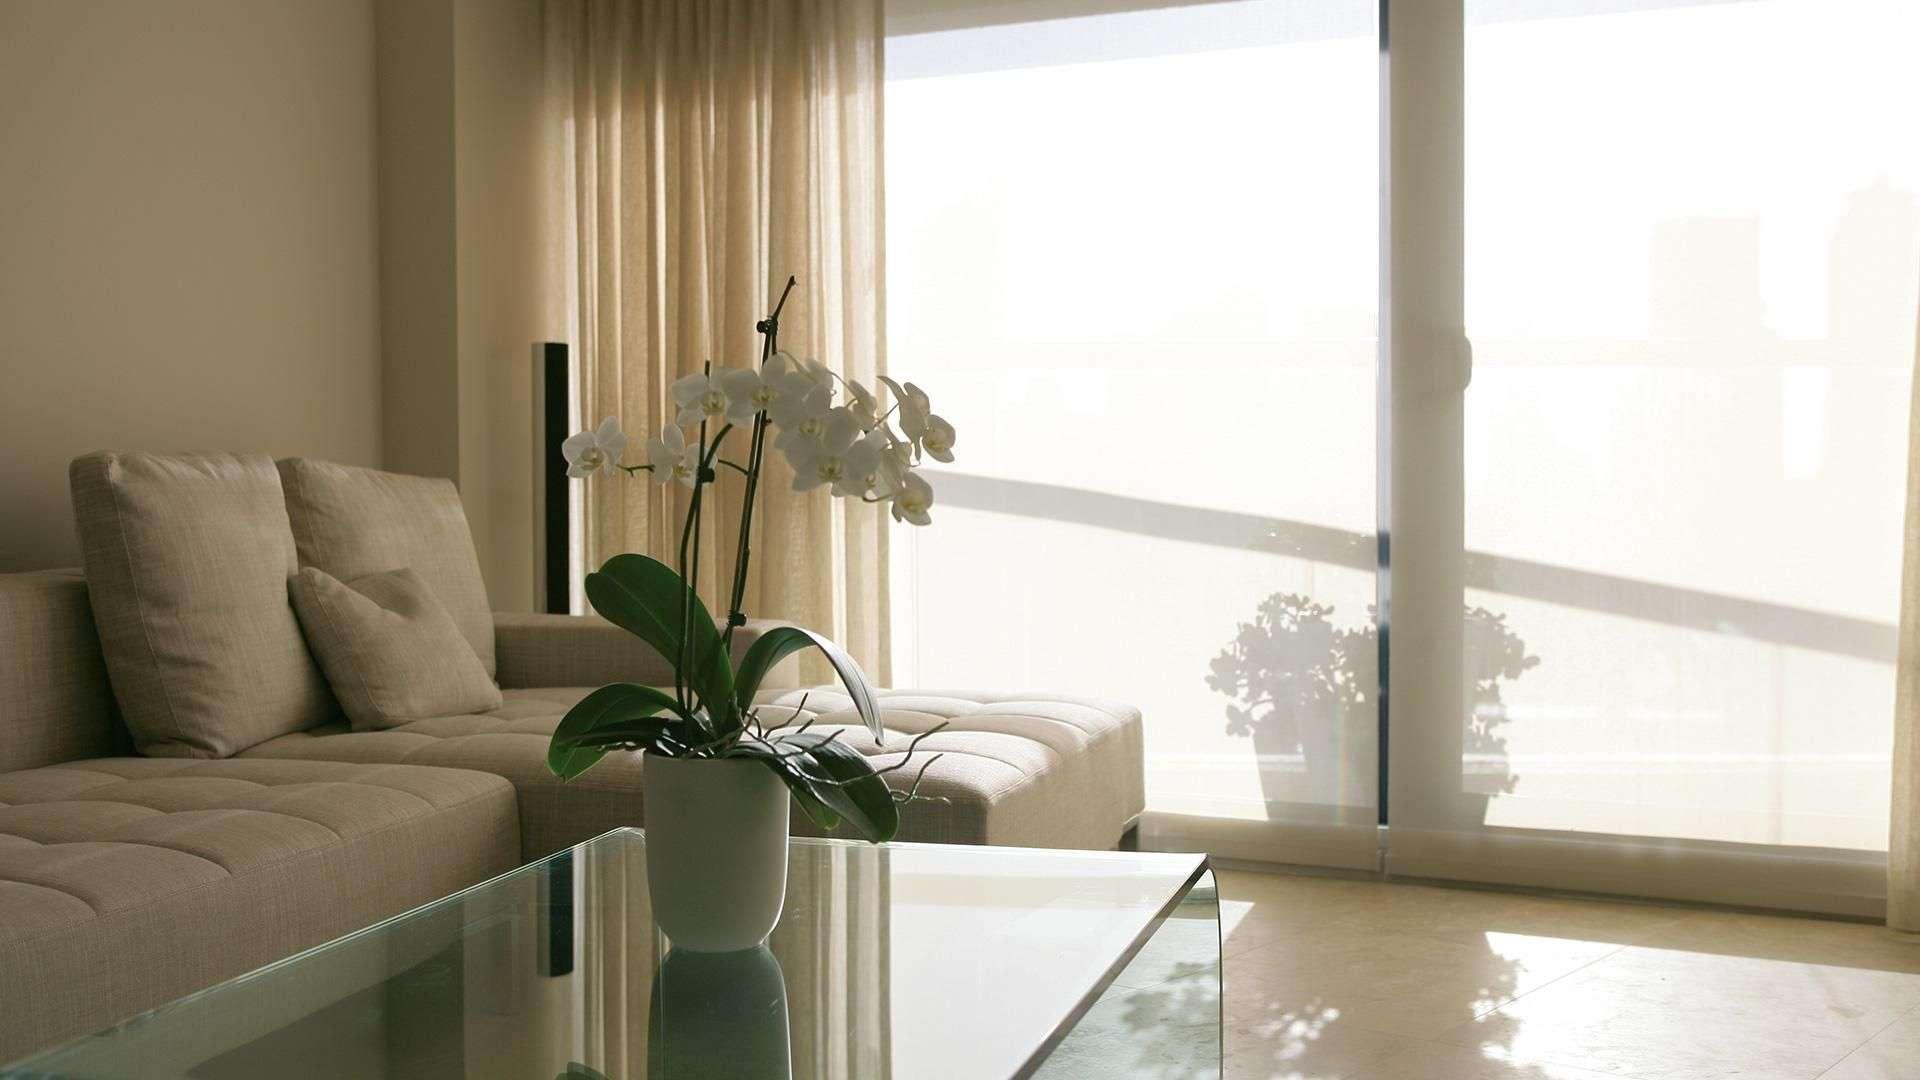 Wohnzimmer mit bodentiefen Fenstern mit Gardinen davor